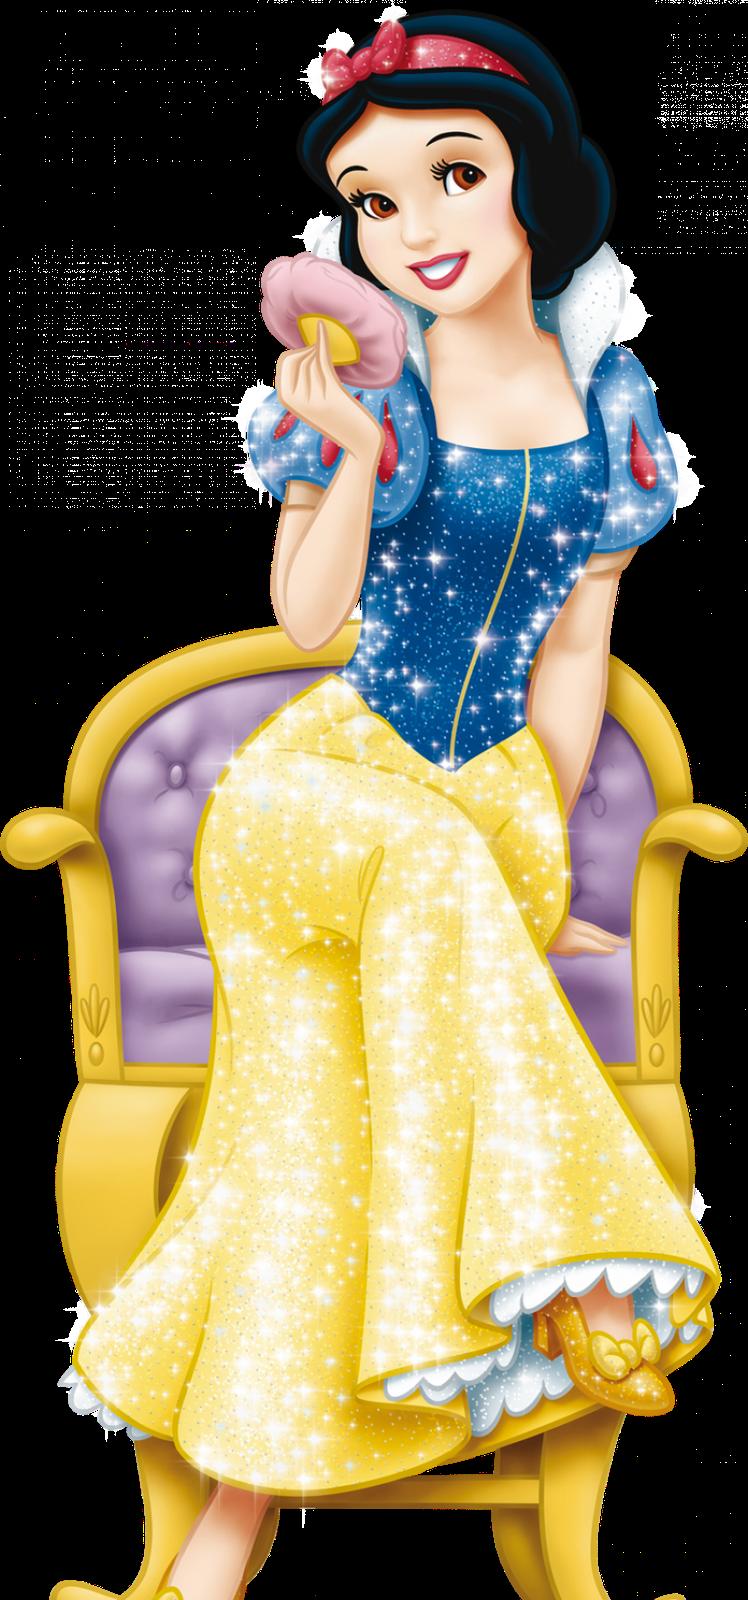 Le boudoir de la belle au bois dormant sunday nail battle blanche neige - La princesse blanche neige ...